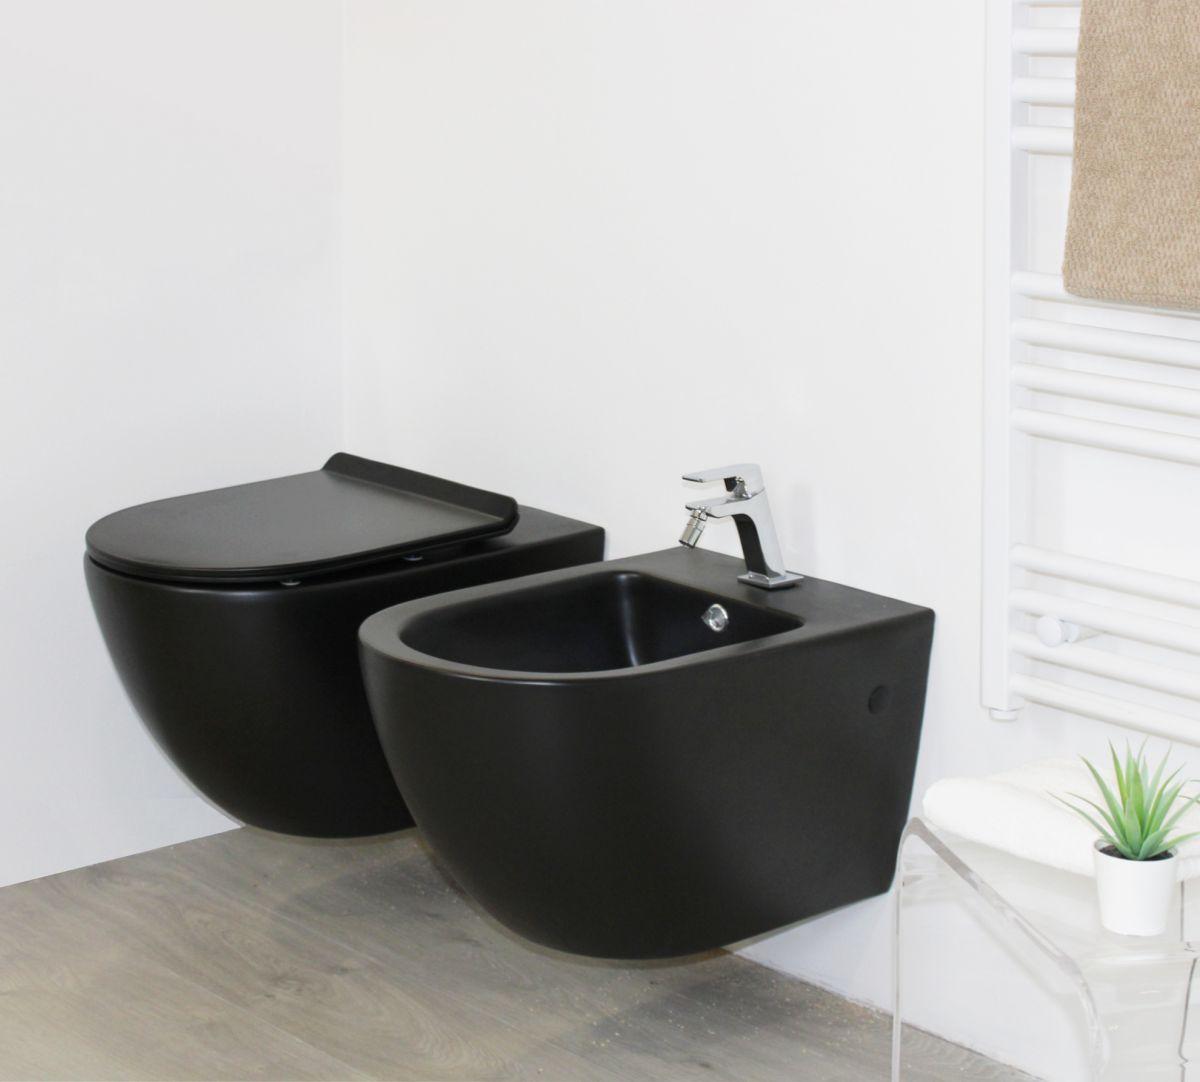 round nero sospeso 1 Sanitari Sospesi Round in ceramica col nero Vaso+Bidet+Coprivaso Soft Close